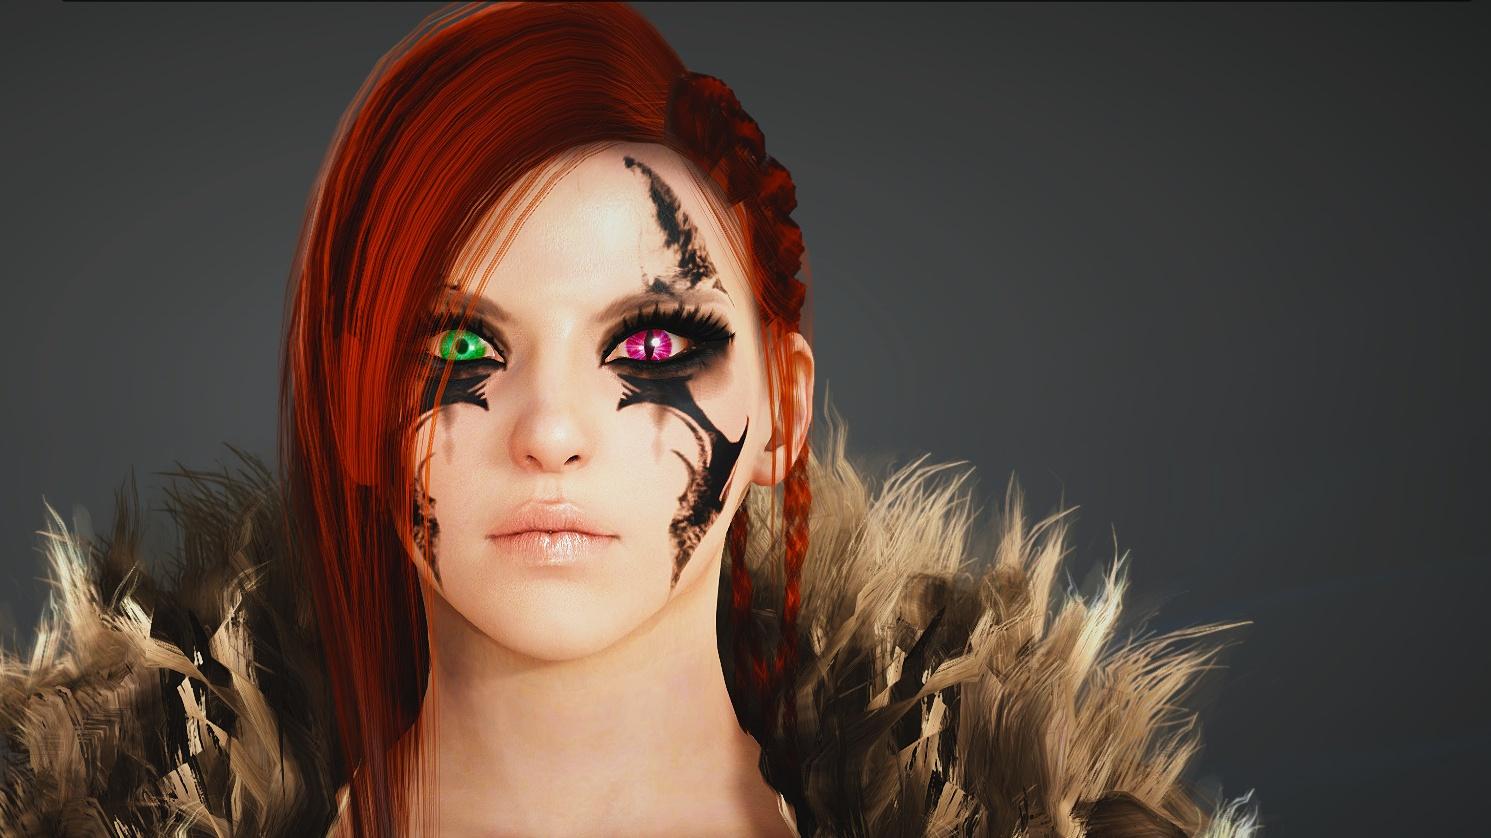 Diese 5 MMORPGs haben die beste Grafik – Ihr habt entschieden!